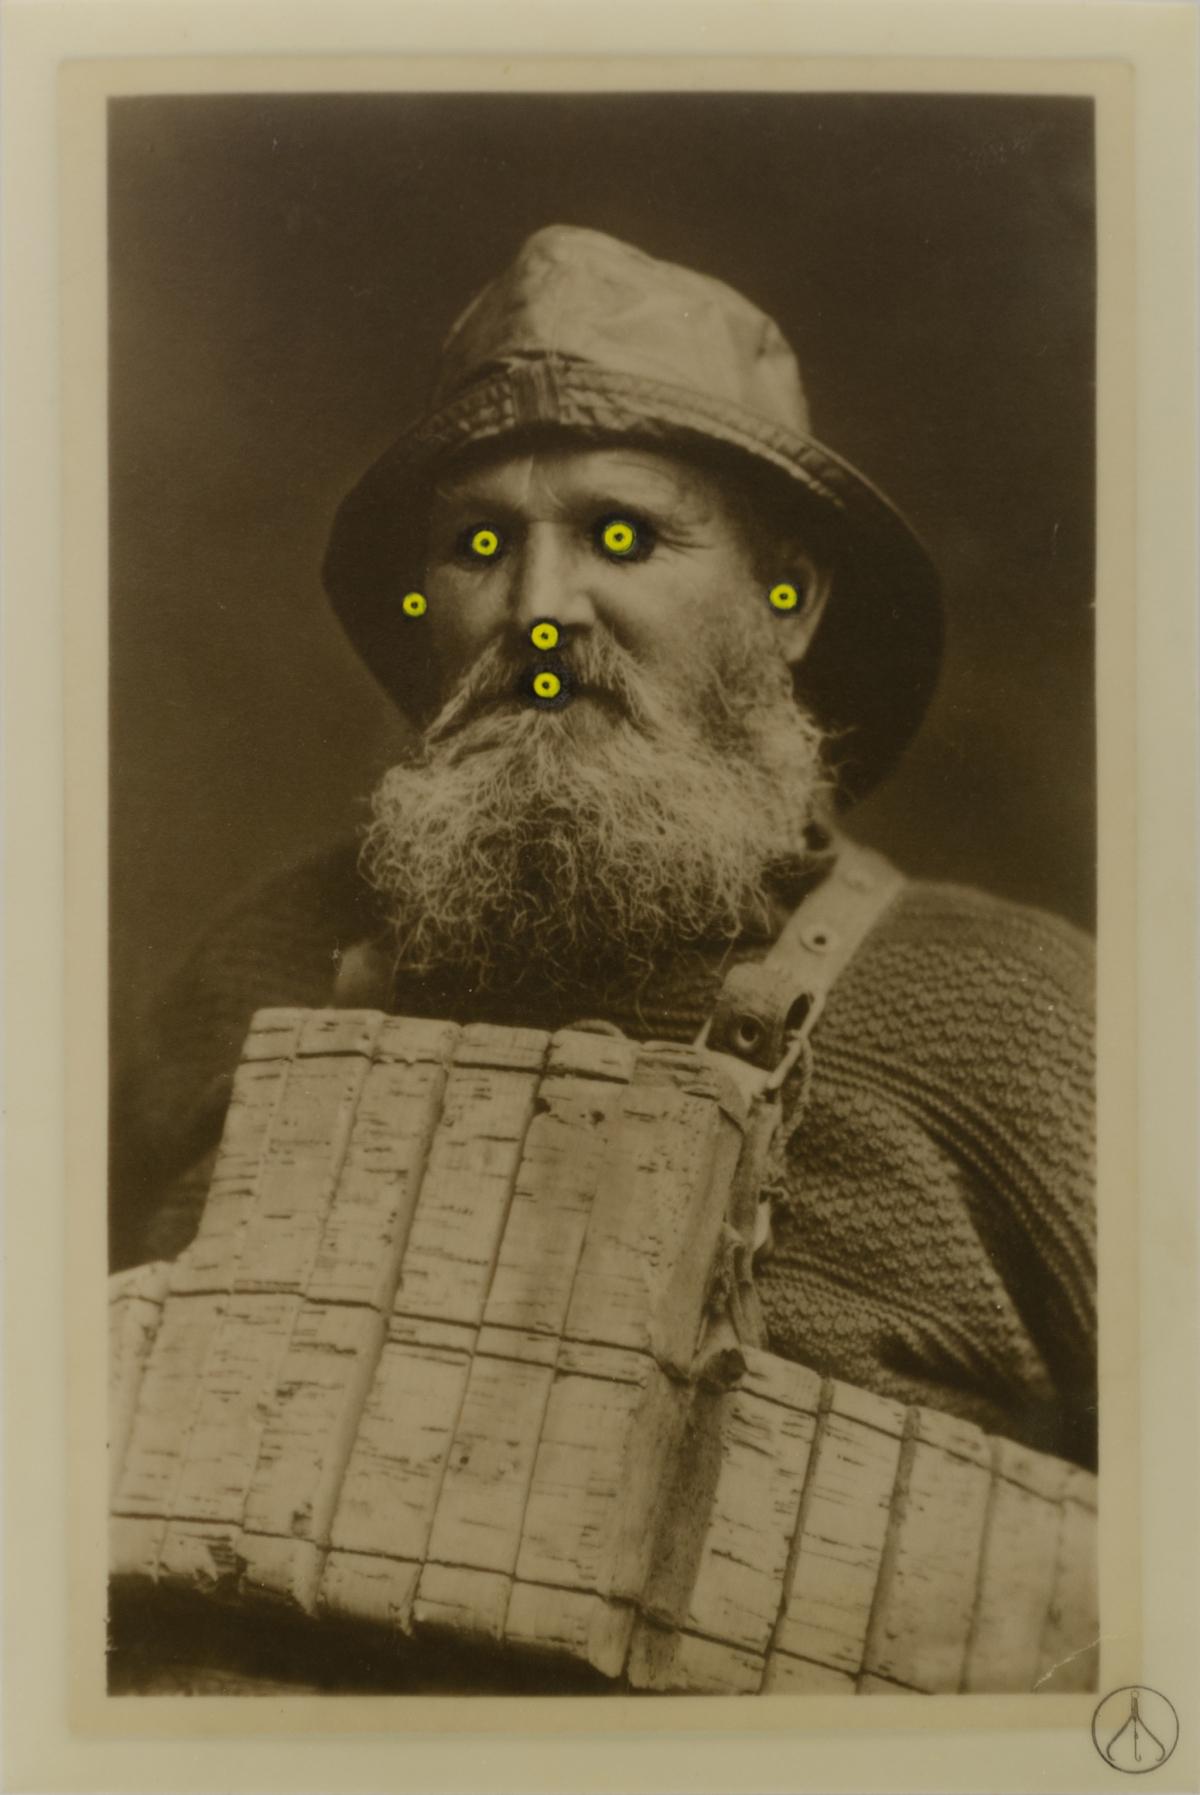 Oscar Giaconia   The Grinder, 2021 - 9 Ed. + 1 AP